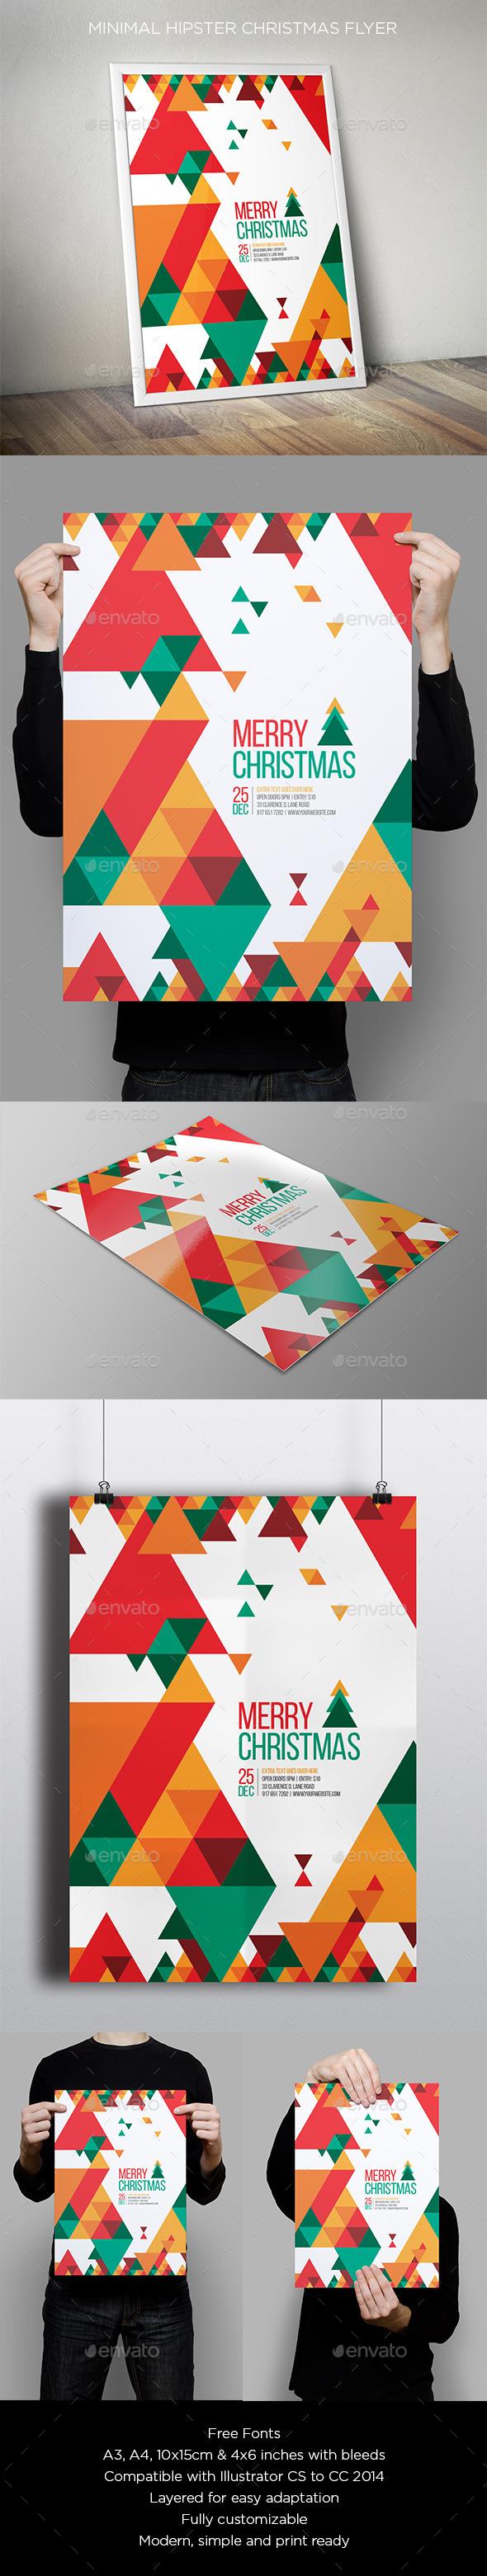 GraphicRiver Minimal Christmas Flyer 9638694